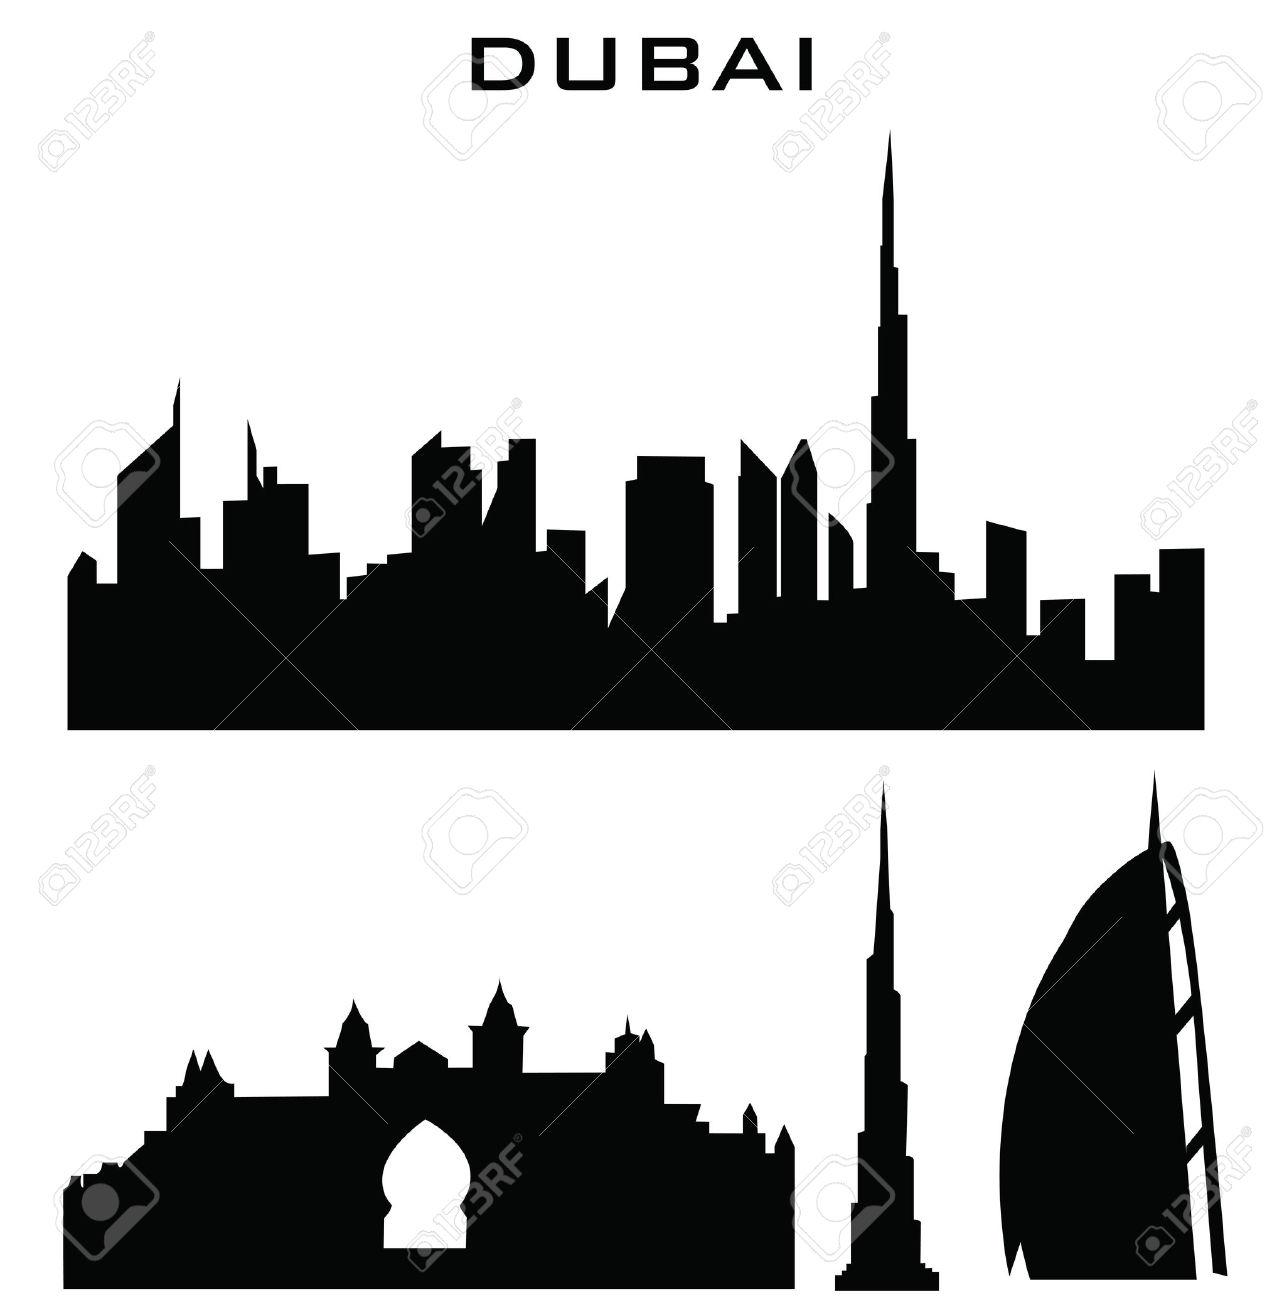 Dubai clipart #4, Download drawings